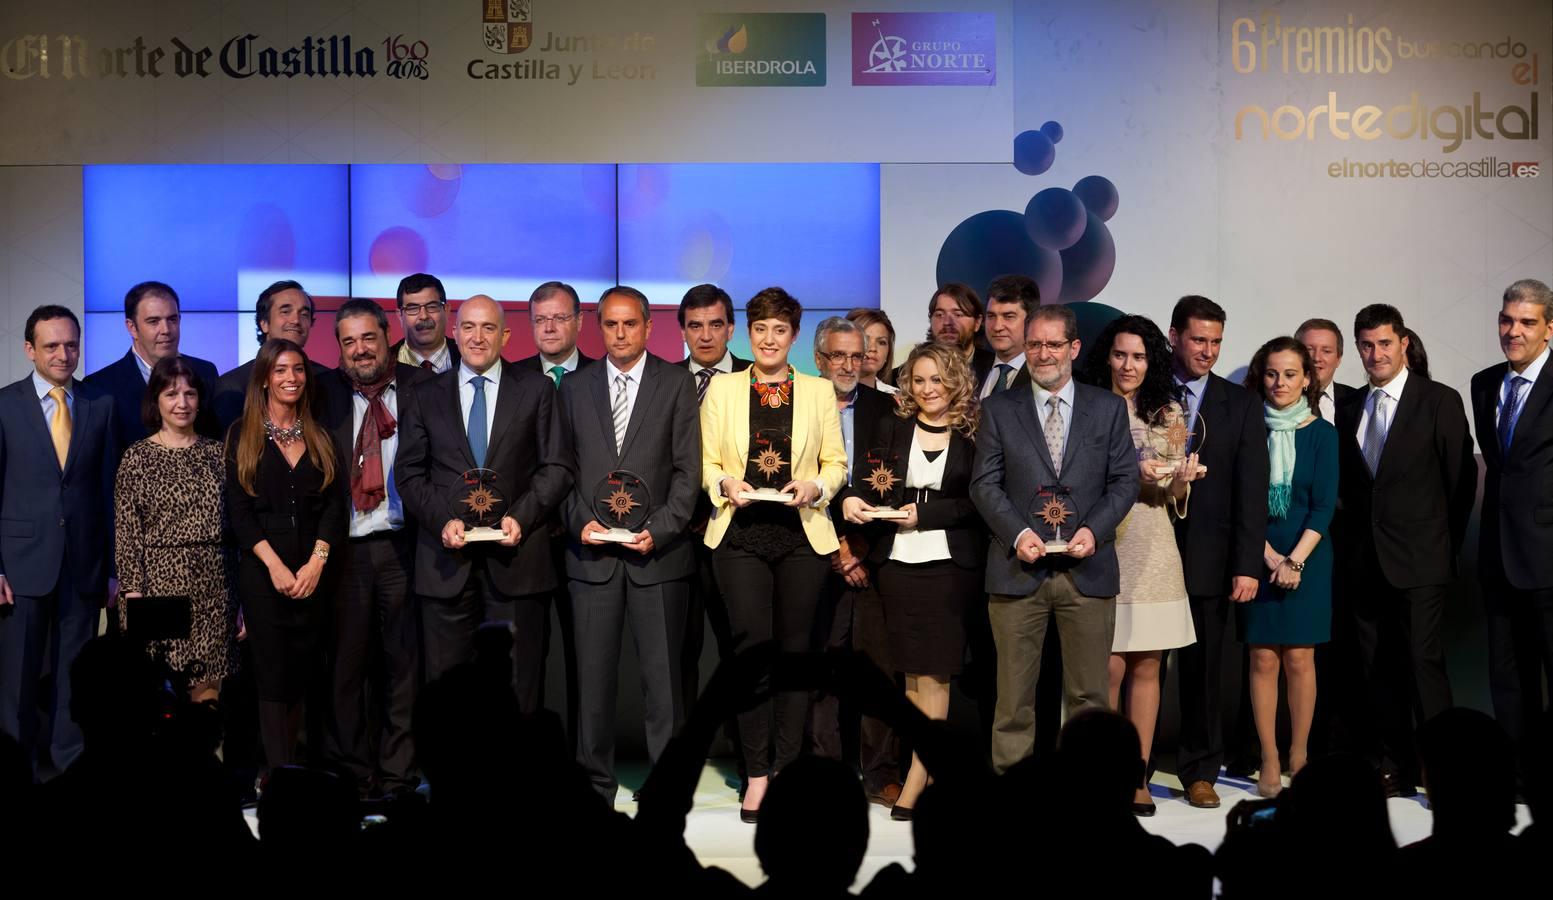 Gala de la VI edición de los Premios Buscando El Norte Digital